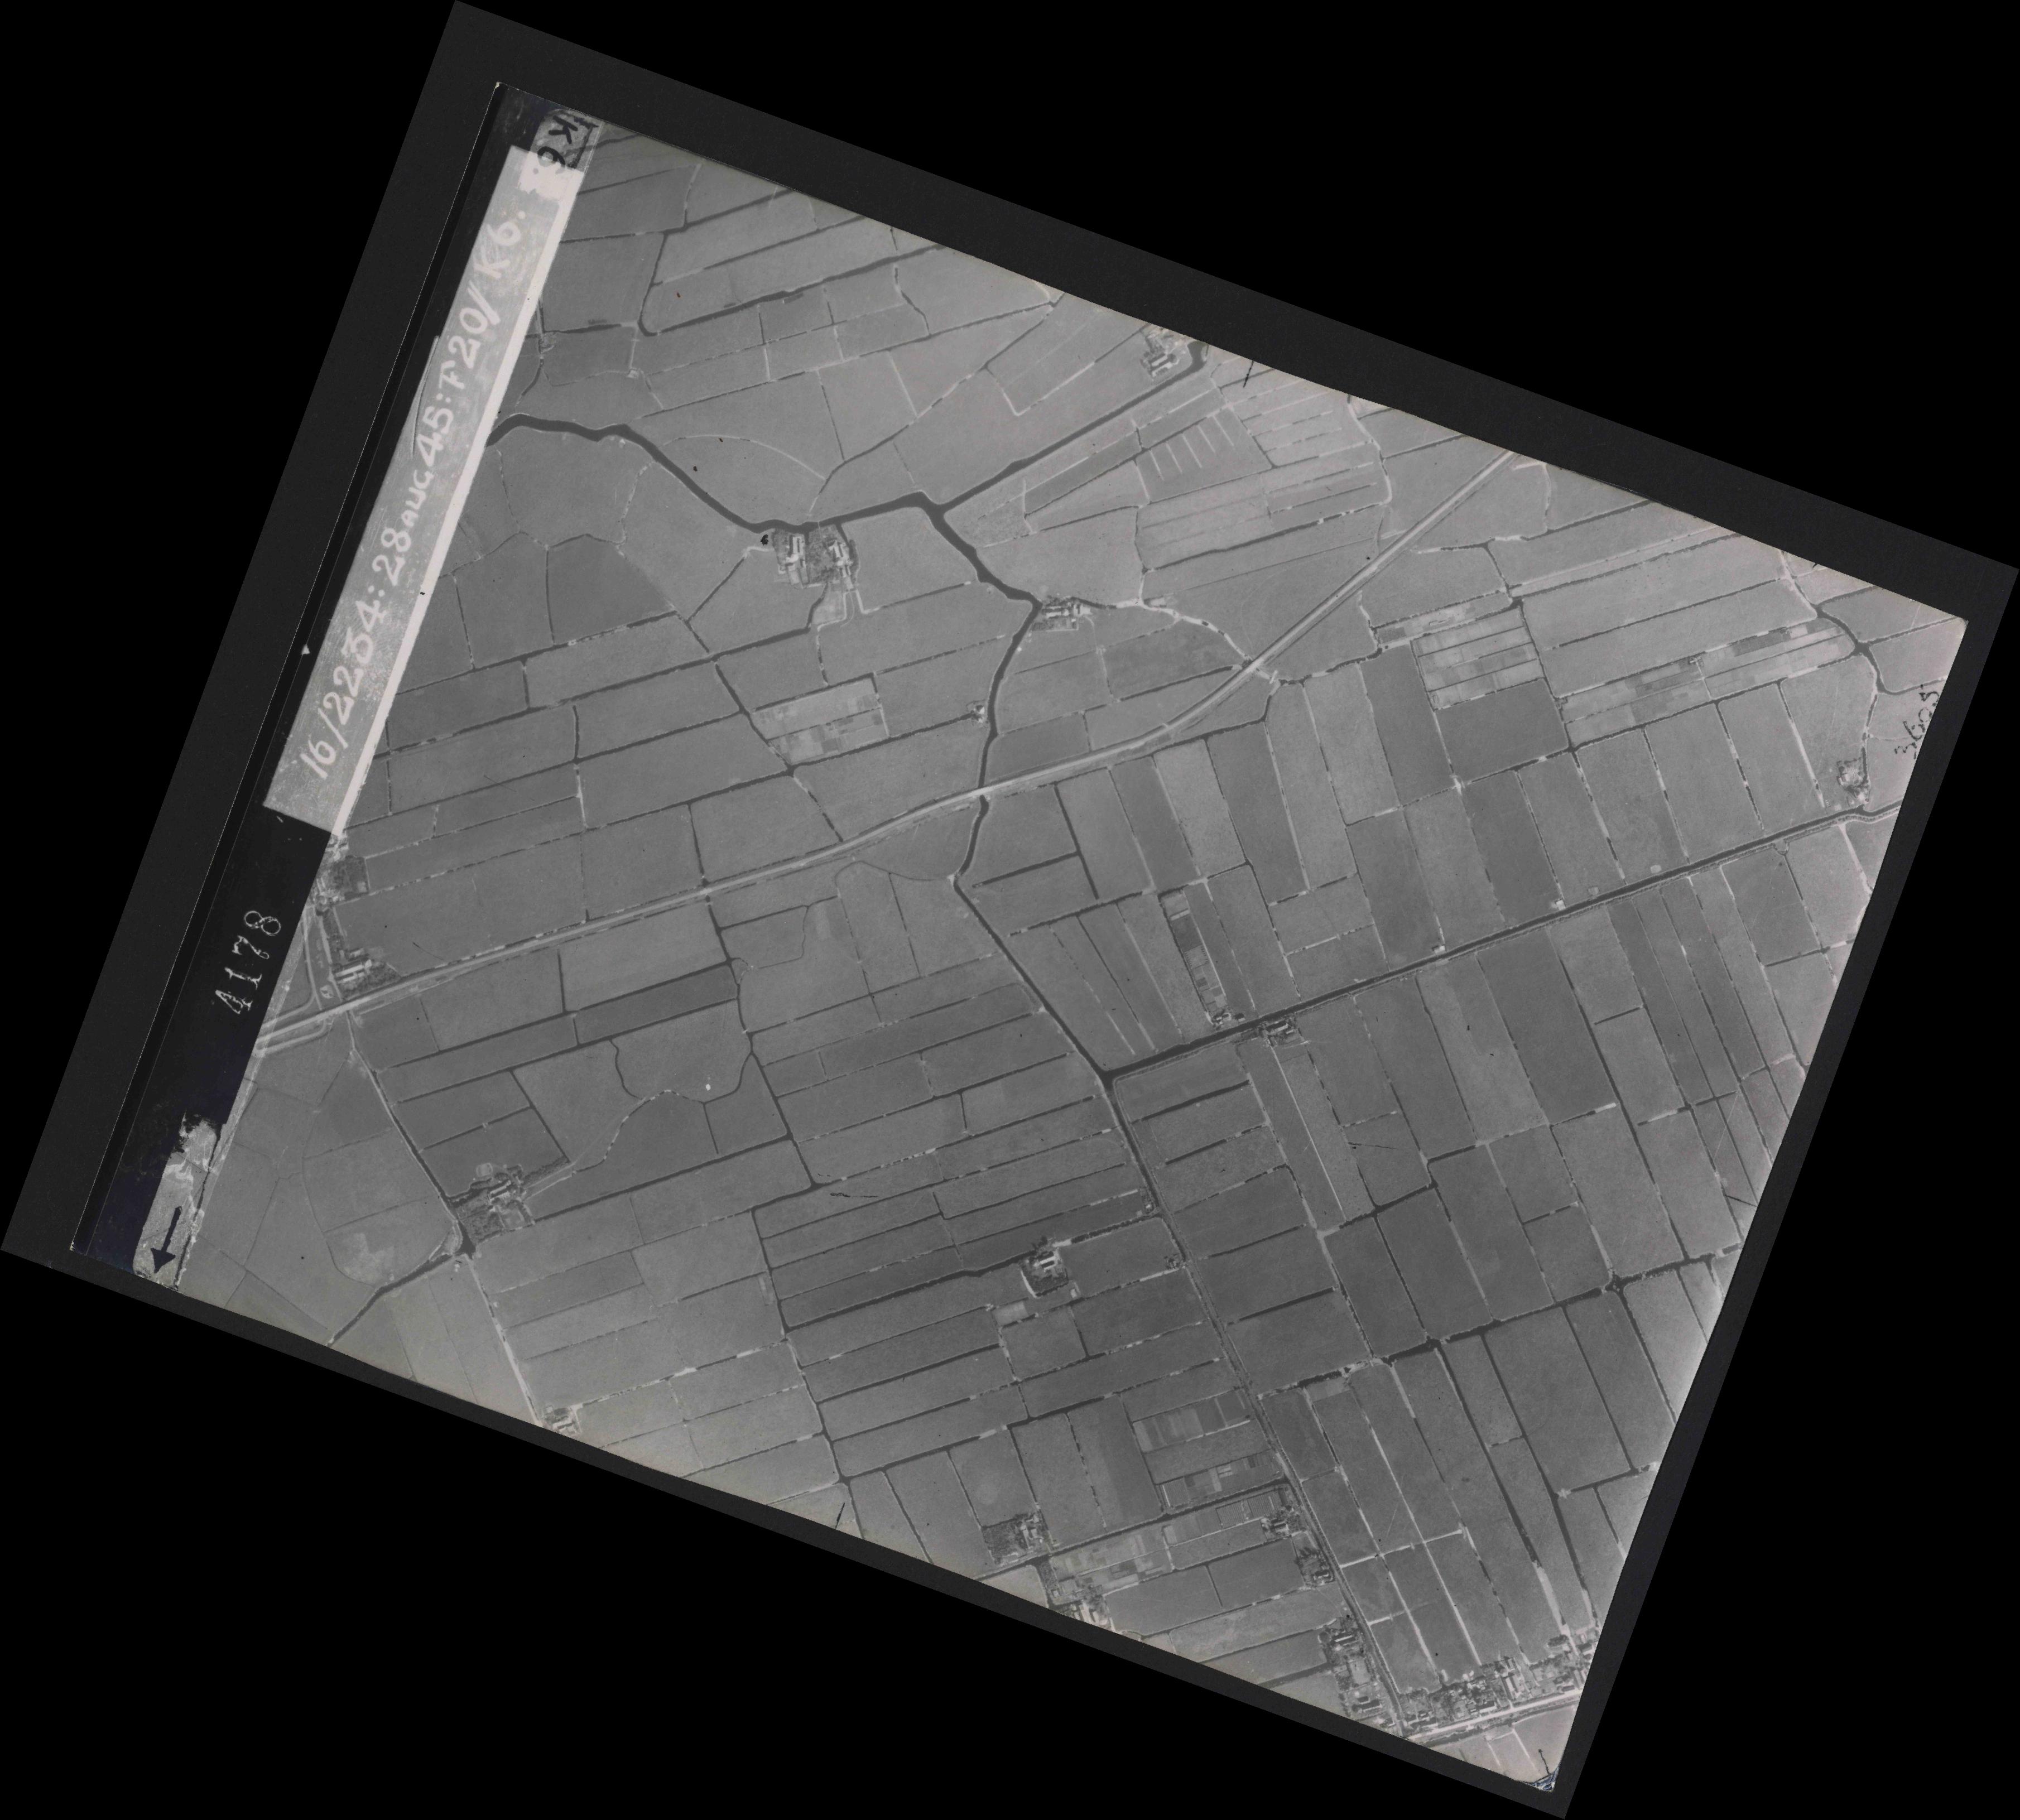 Collection RAF aerial photos 1940-1945 - flight 031, run 01, photo 4178